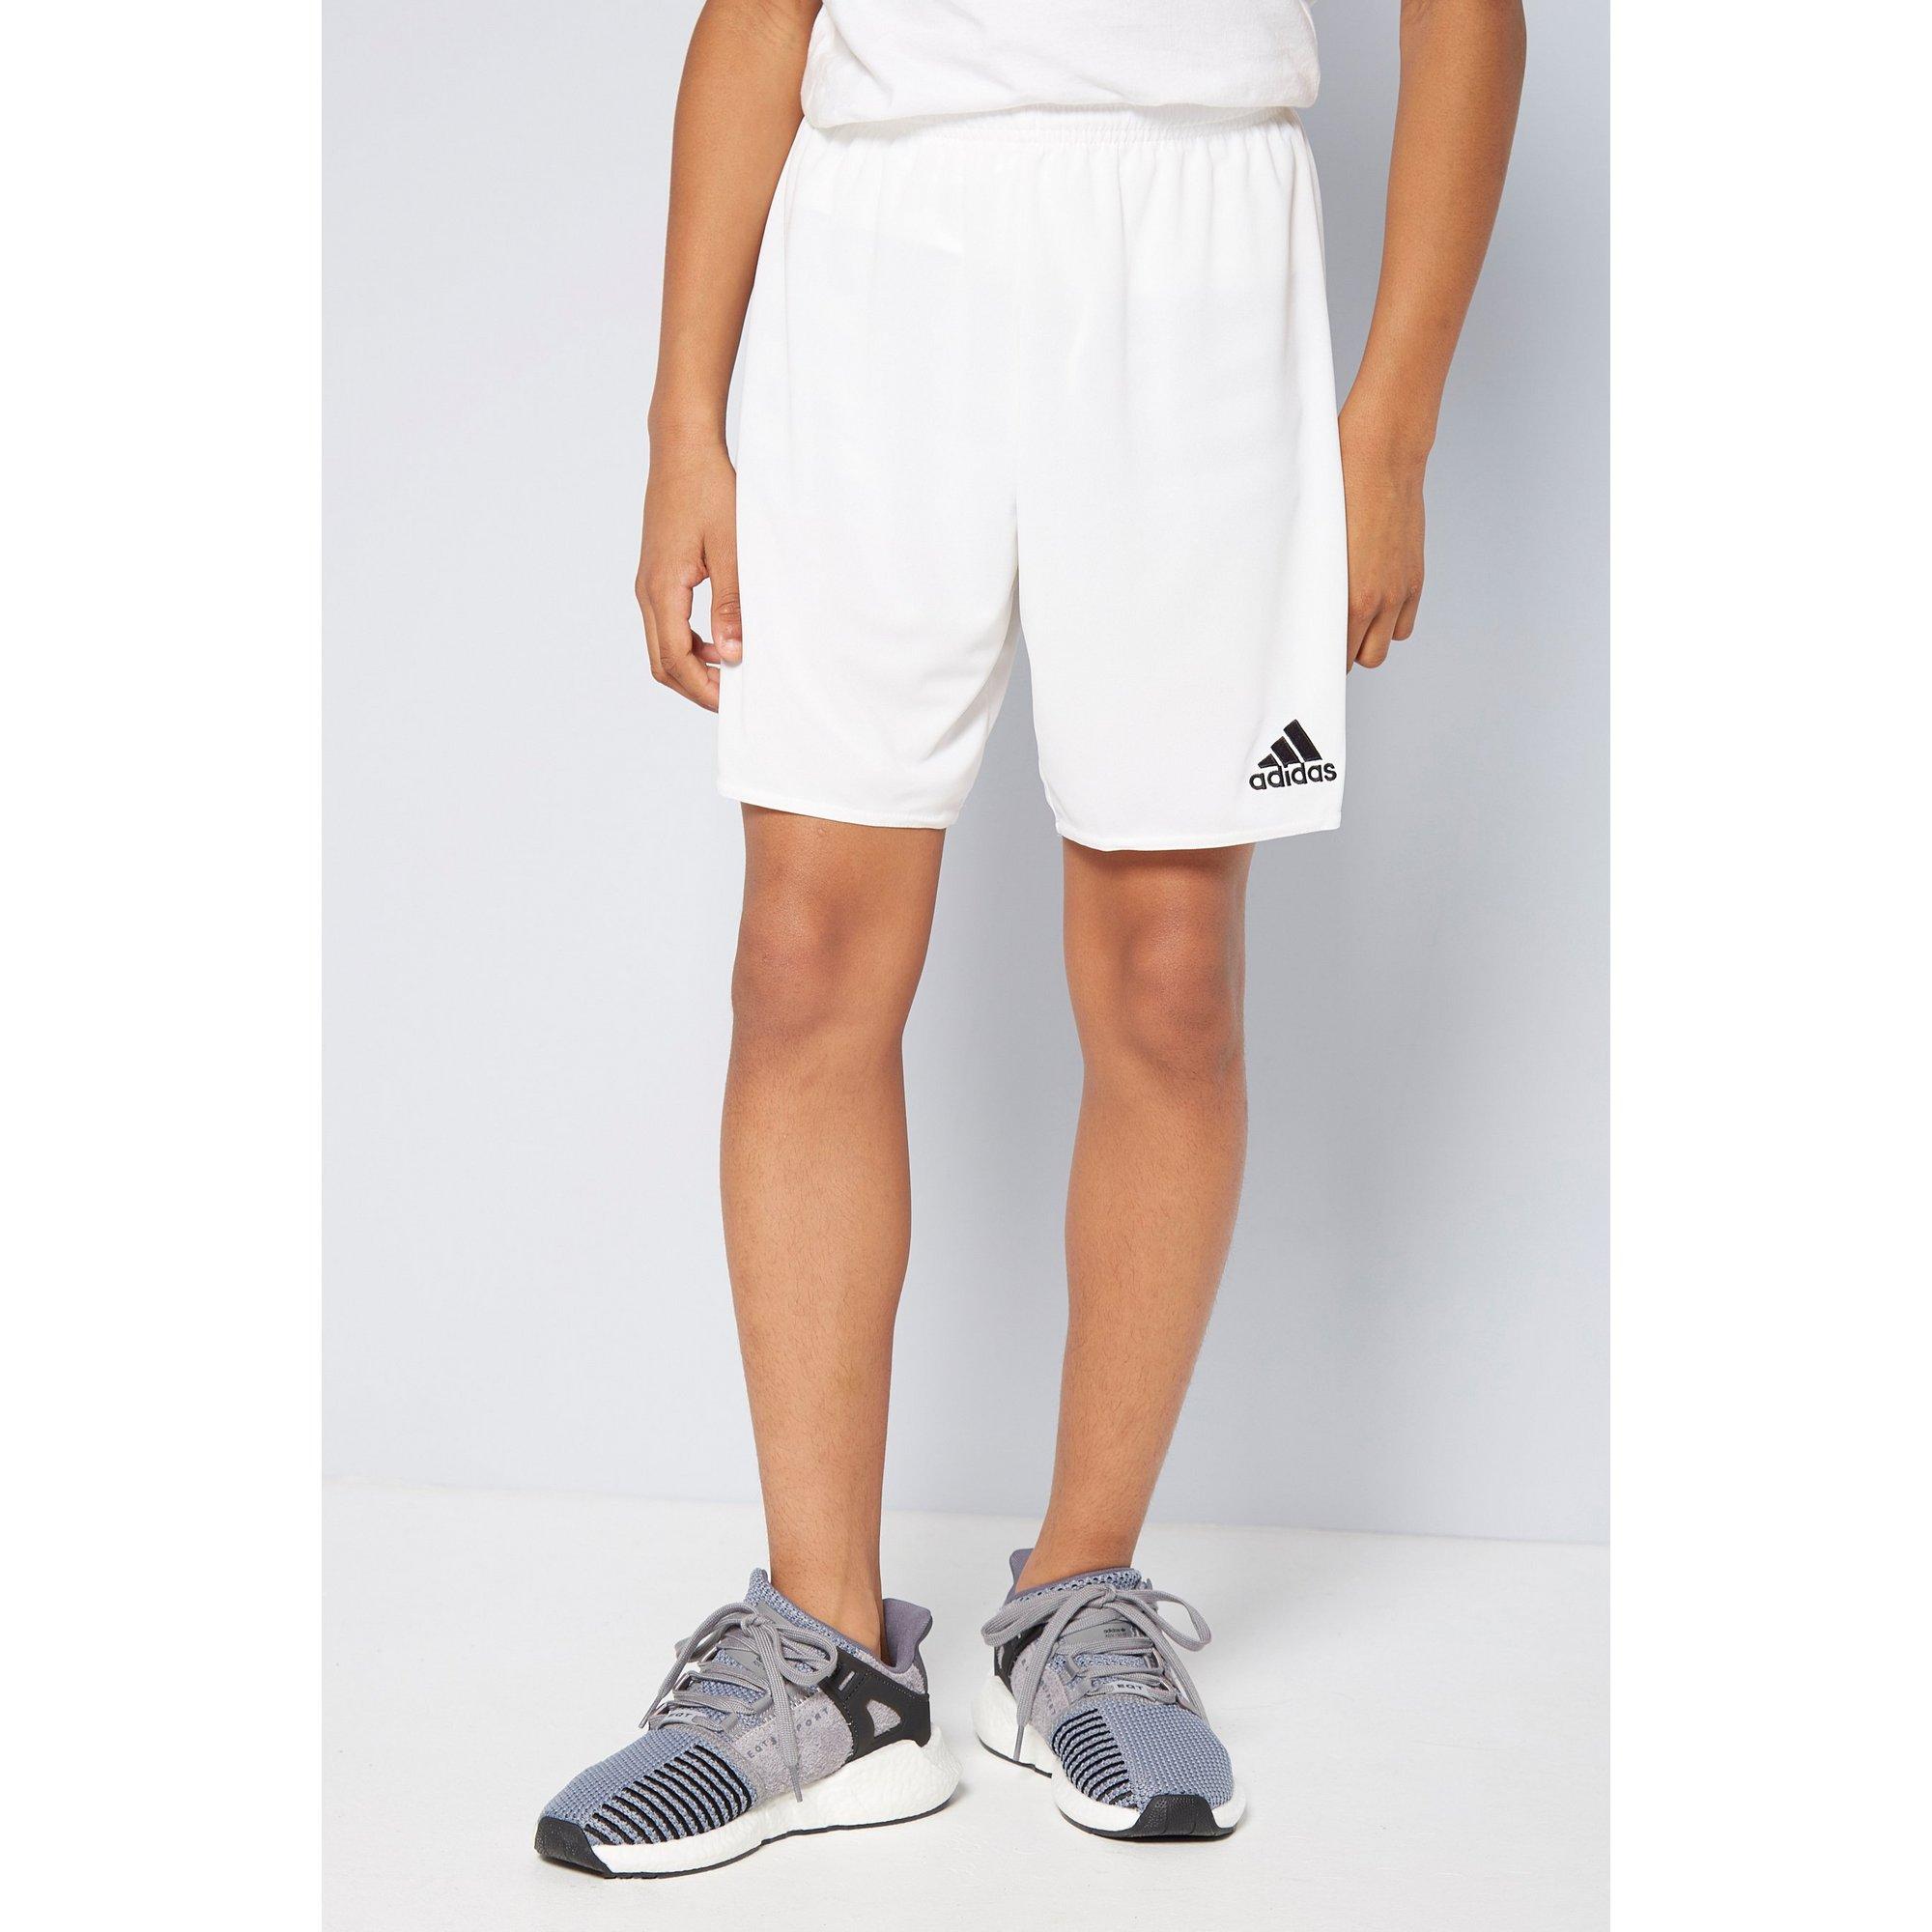 Image of Boys adidas White Parma Shorts